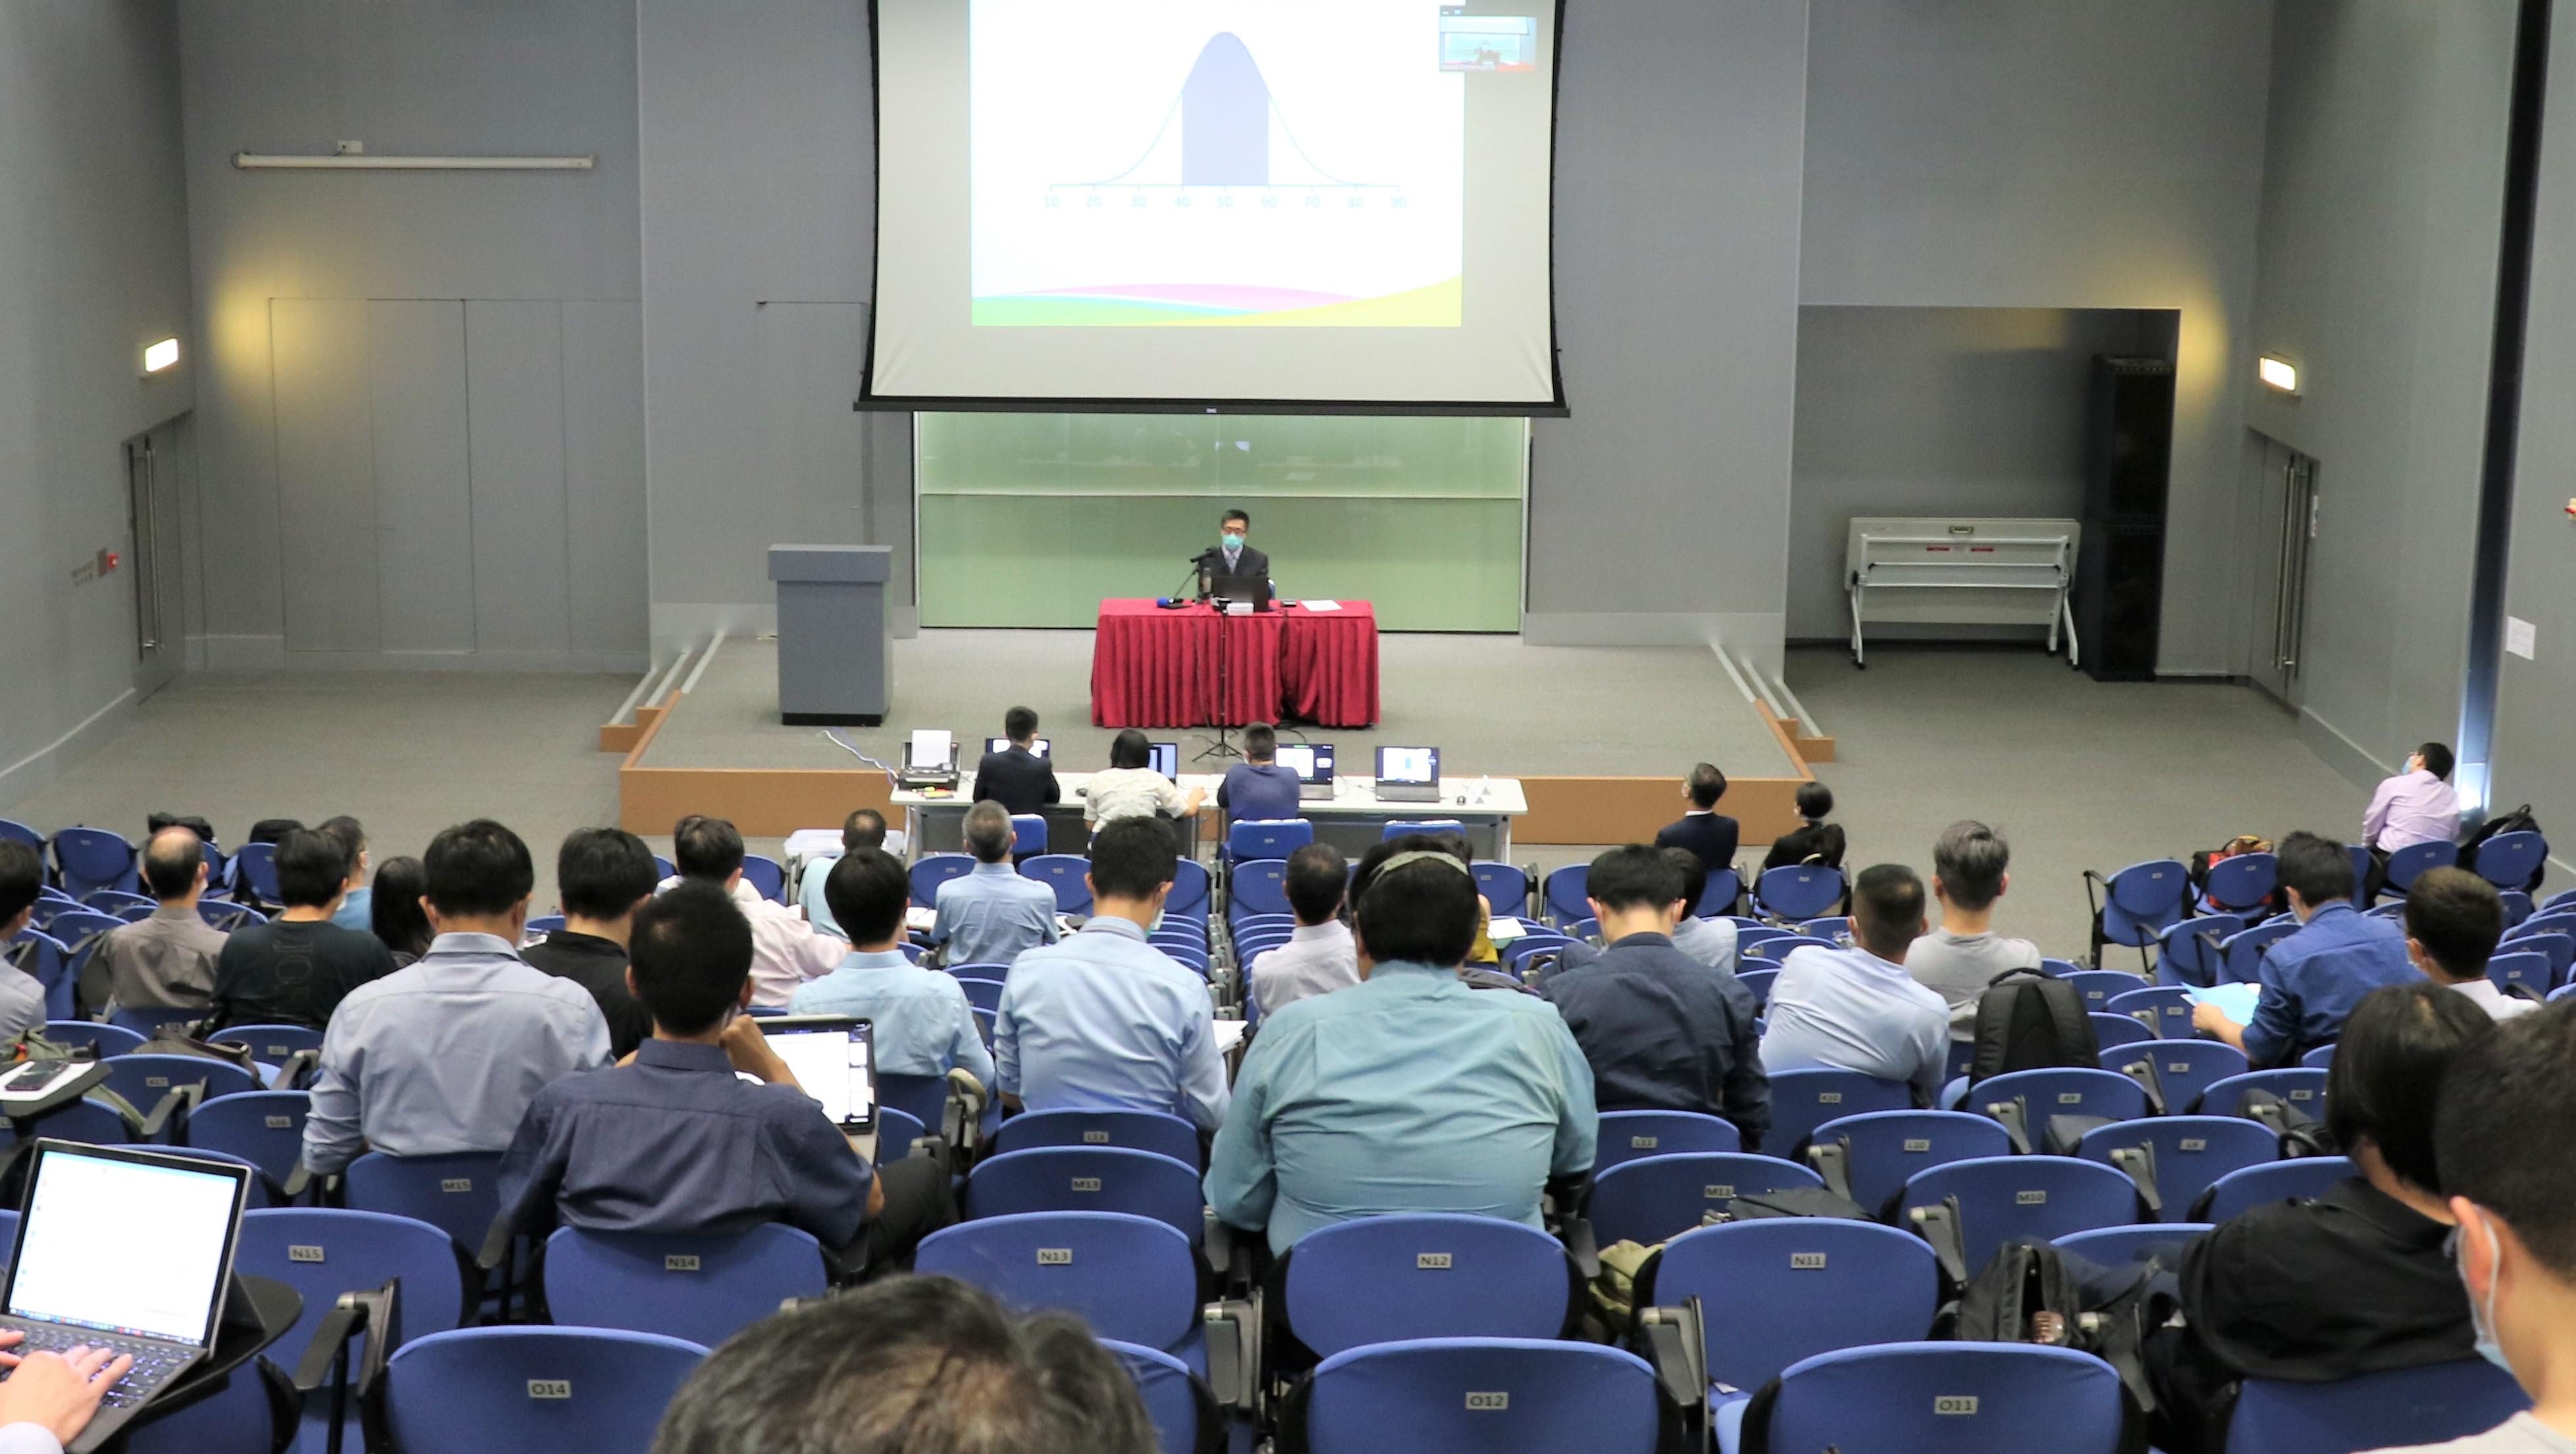 2020香港中学文凭考试预测等级研究计划结果学校简介会